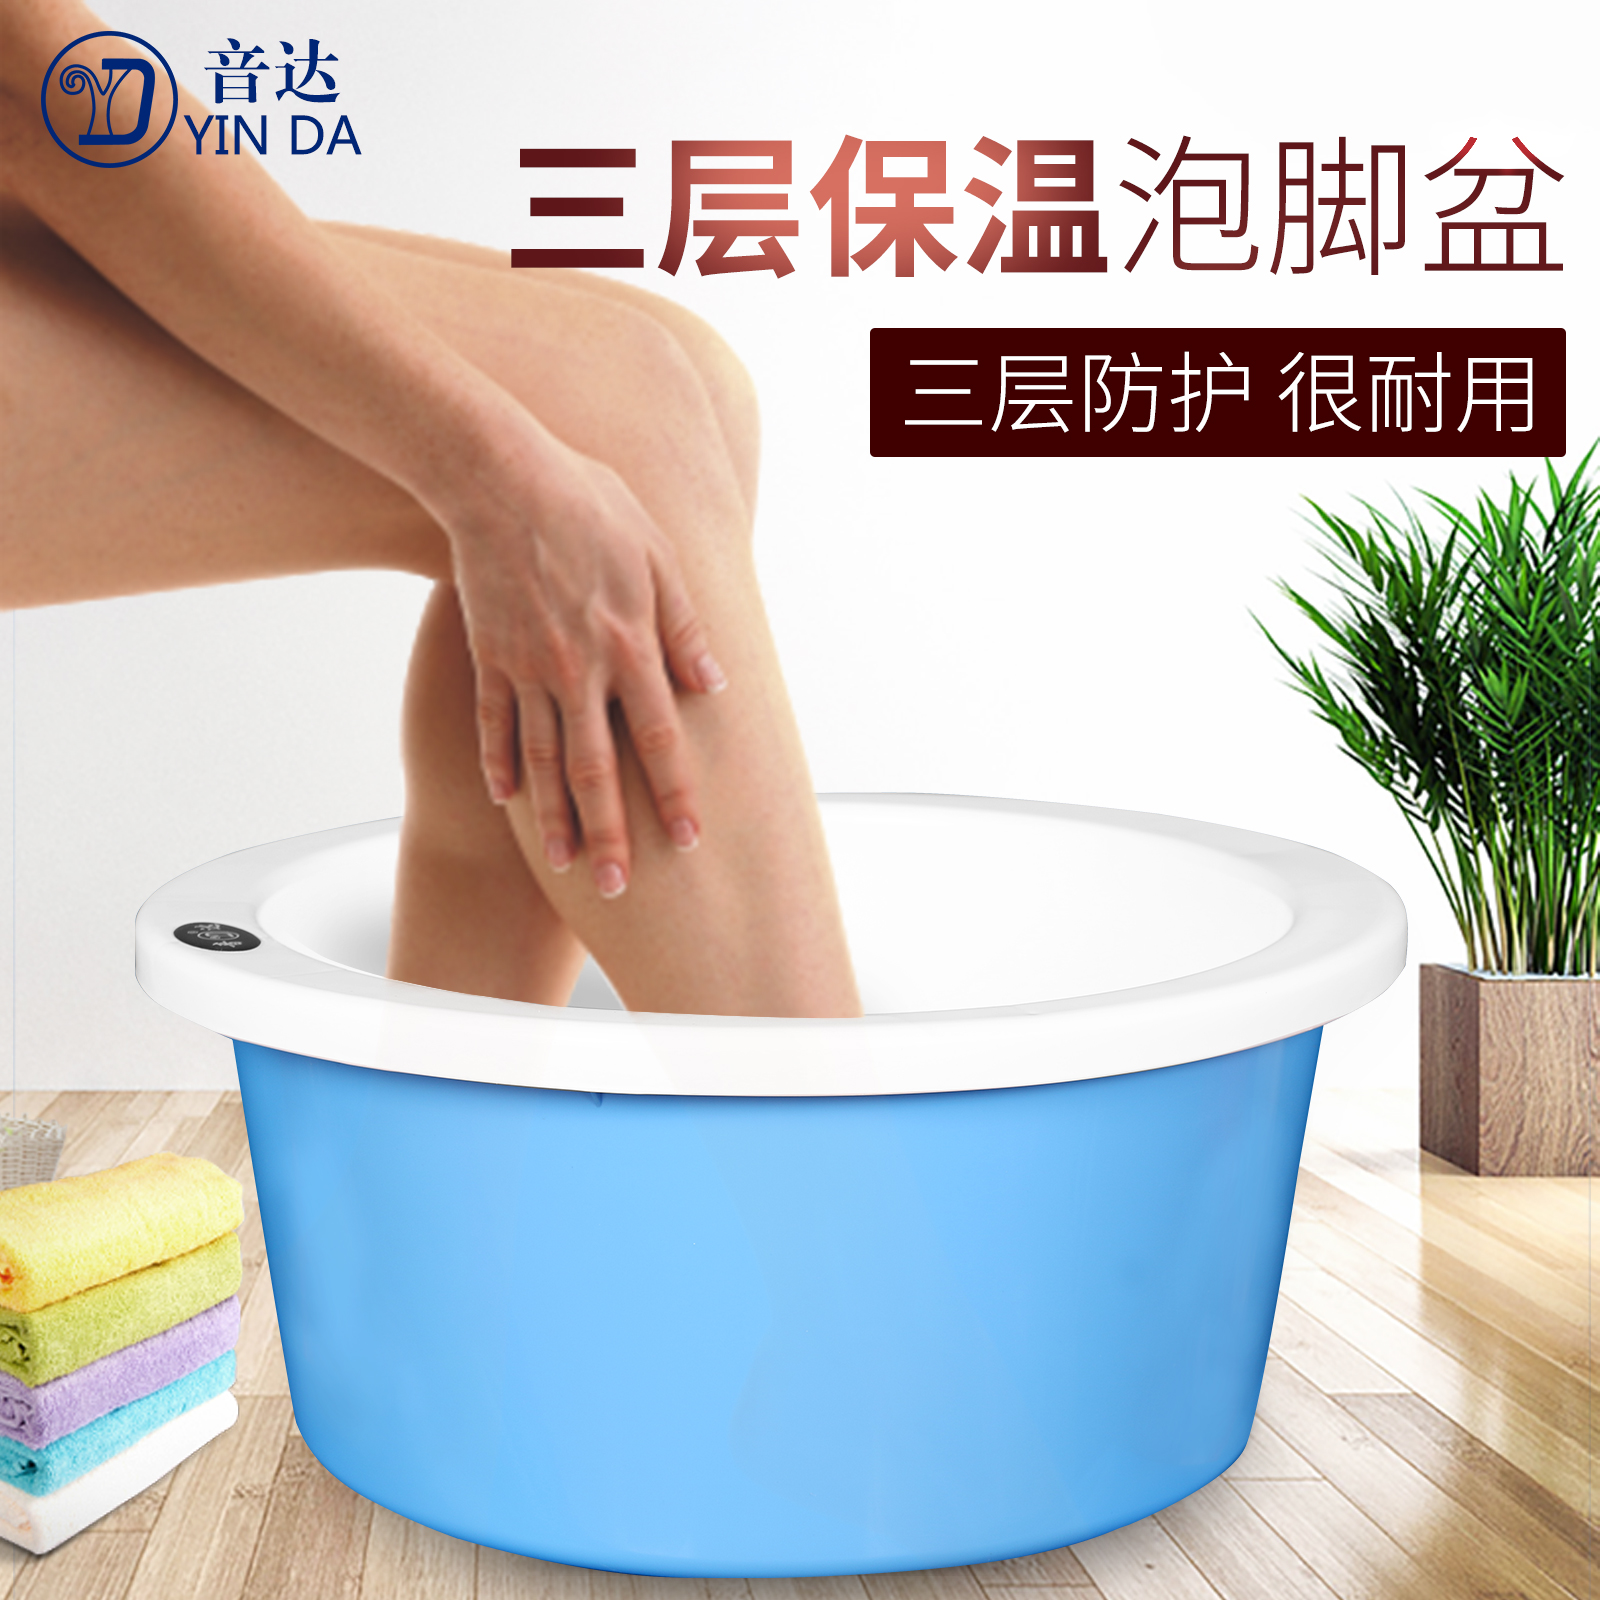 豫本草衡通計は足浴桶の保温マッサージをカスタマイズします。